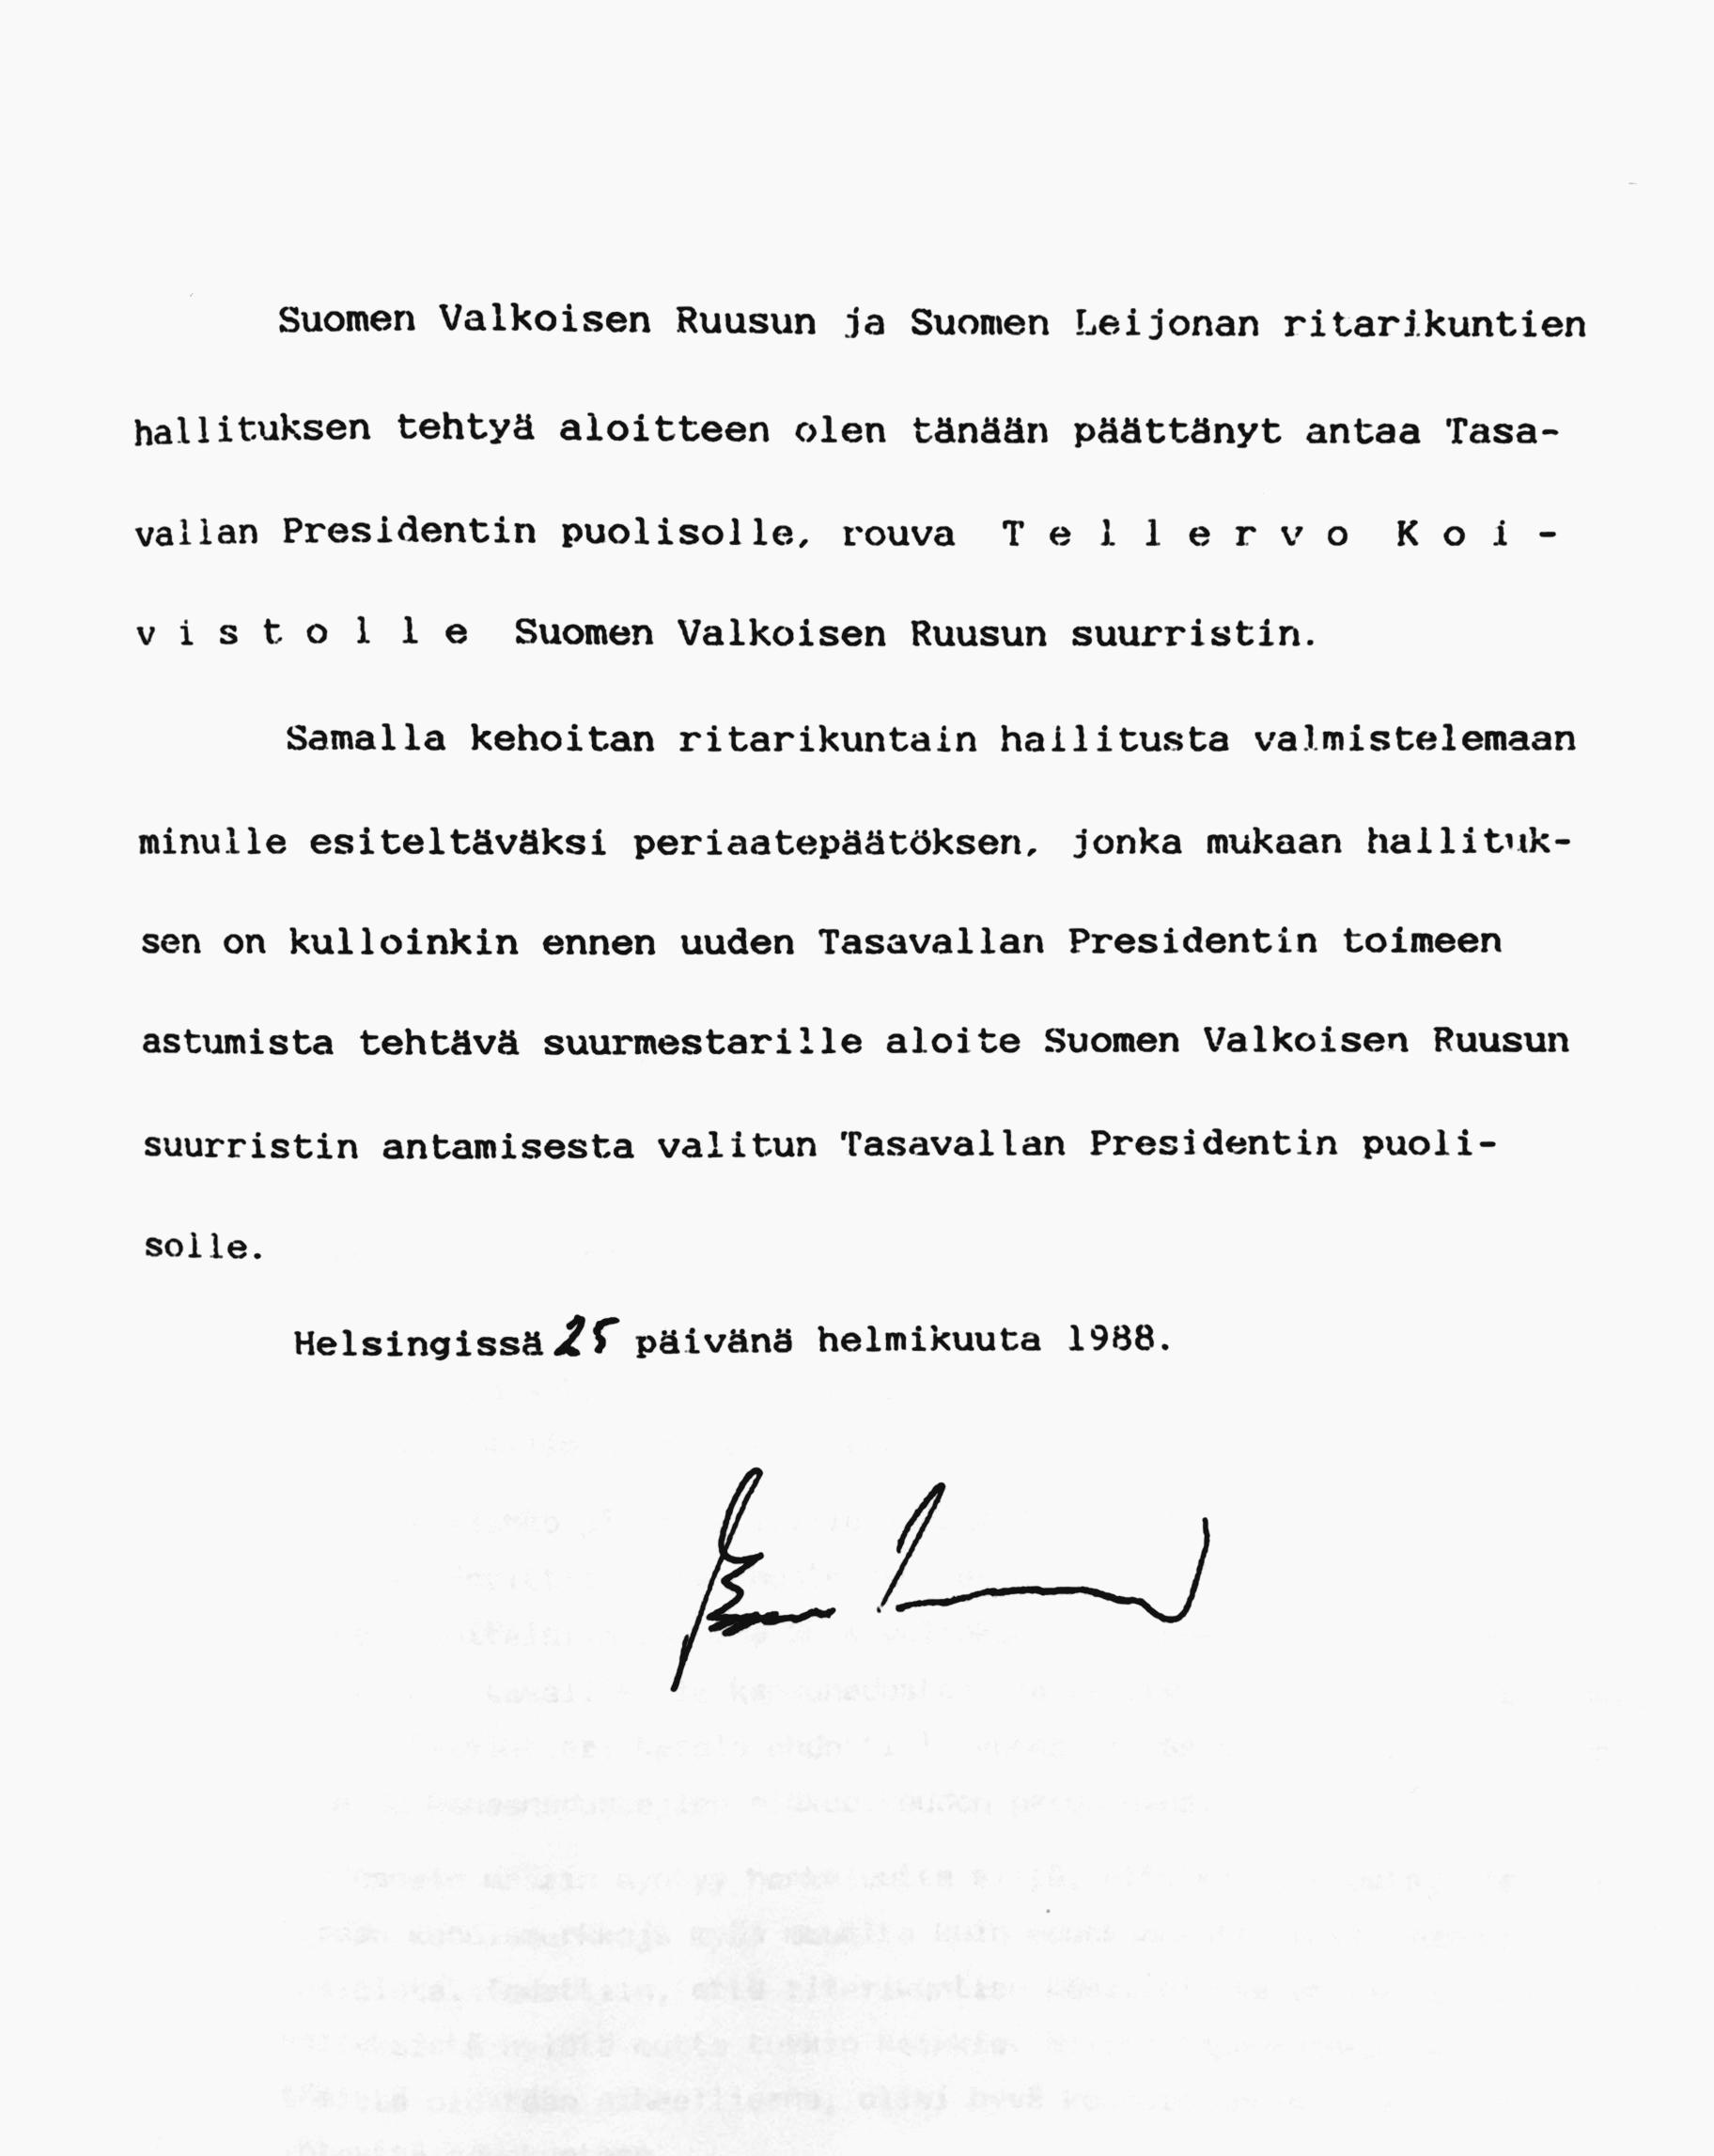 Periaatepäätös jolla Tellervo Koivistolle annettiin Suomen Valkoisen Ruusun suurristi